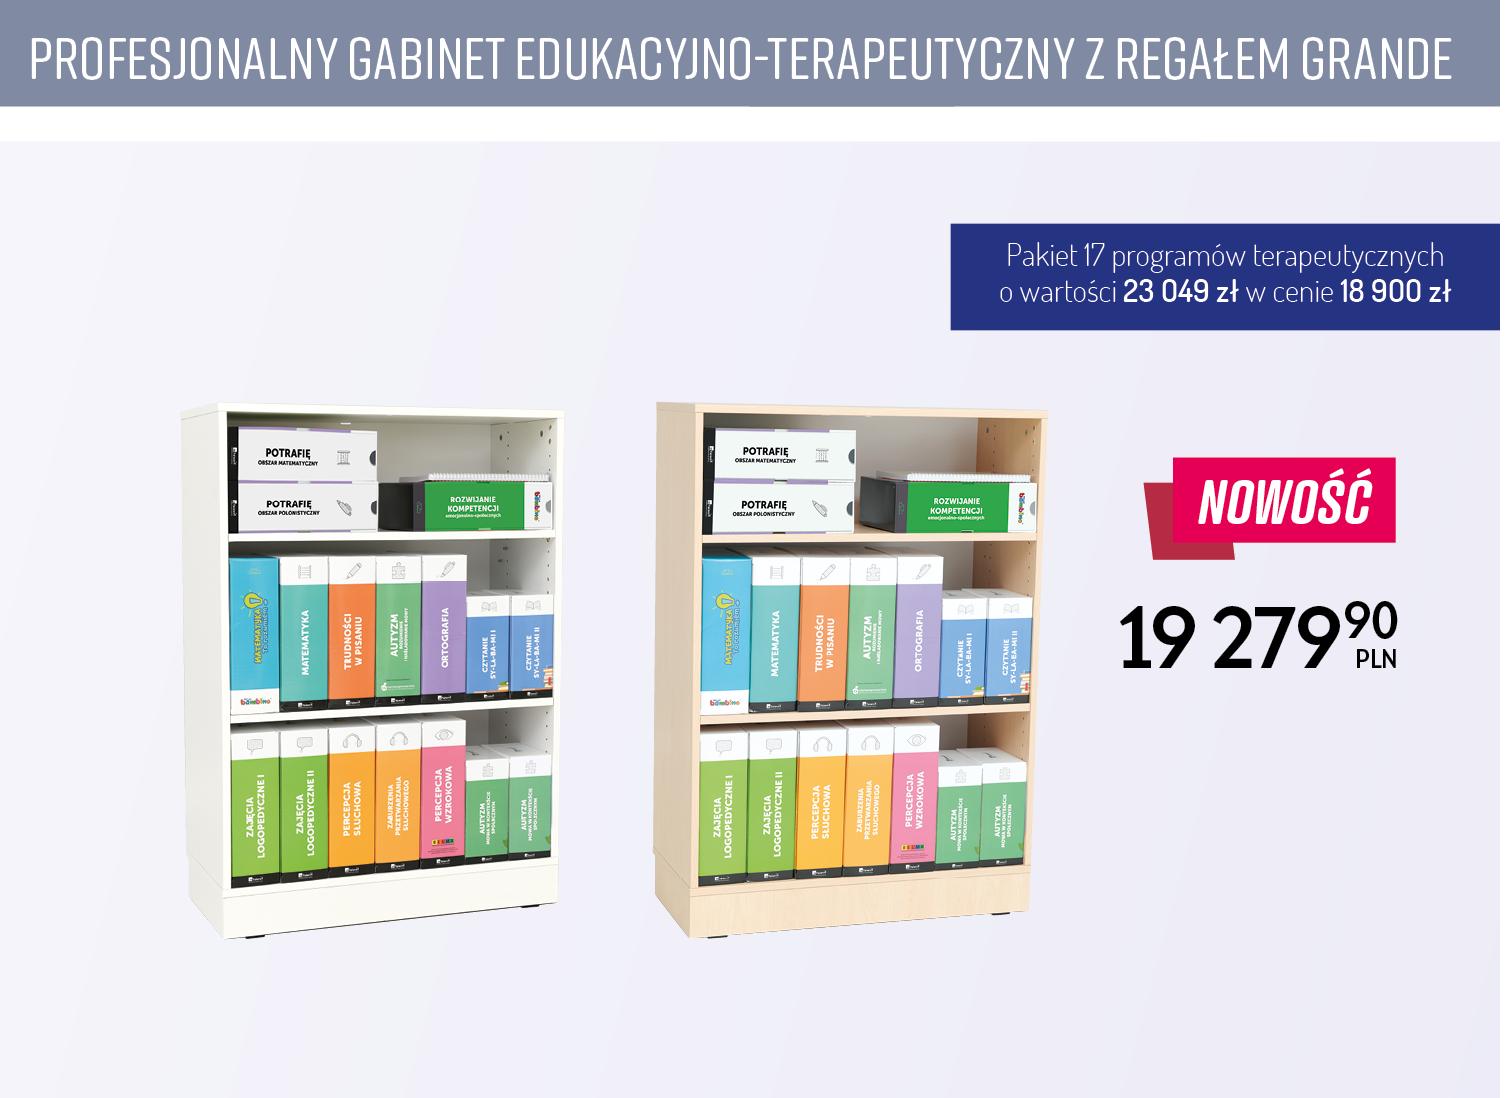 Pakiety spe Aktywna Tablica 2021. Gabinet edukacyjno-terapeutyczny